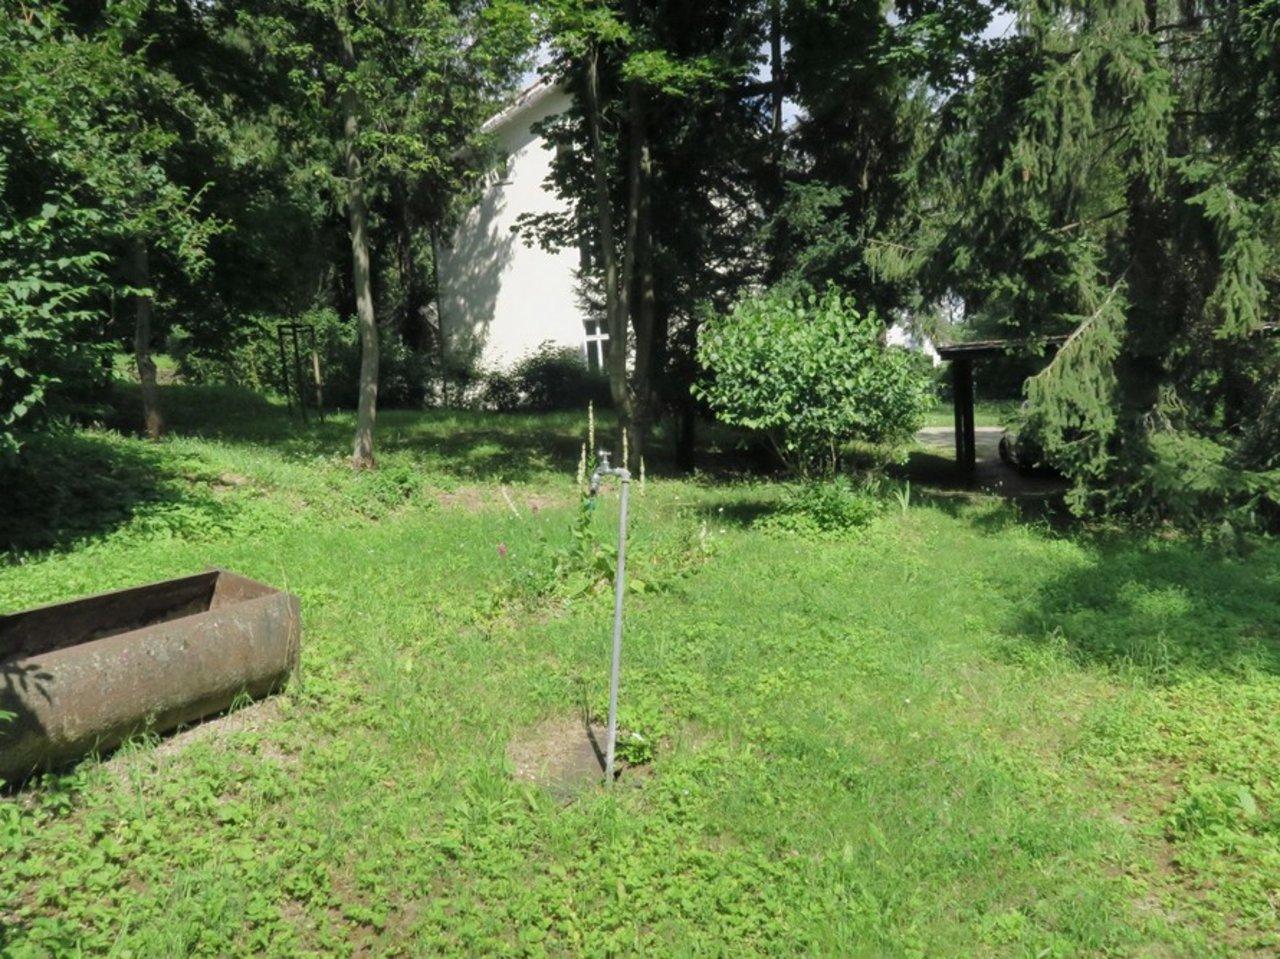 Familienfreundliche Wohnung am südlichen Stadtrand mit parkähnlichem Grundstück-Garten